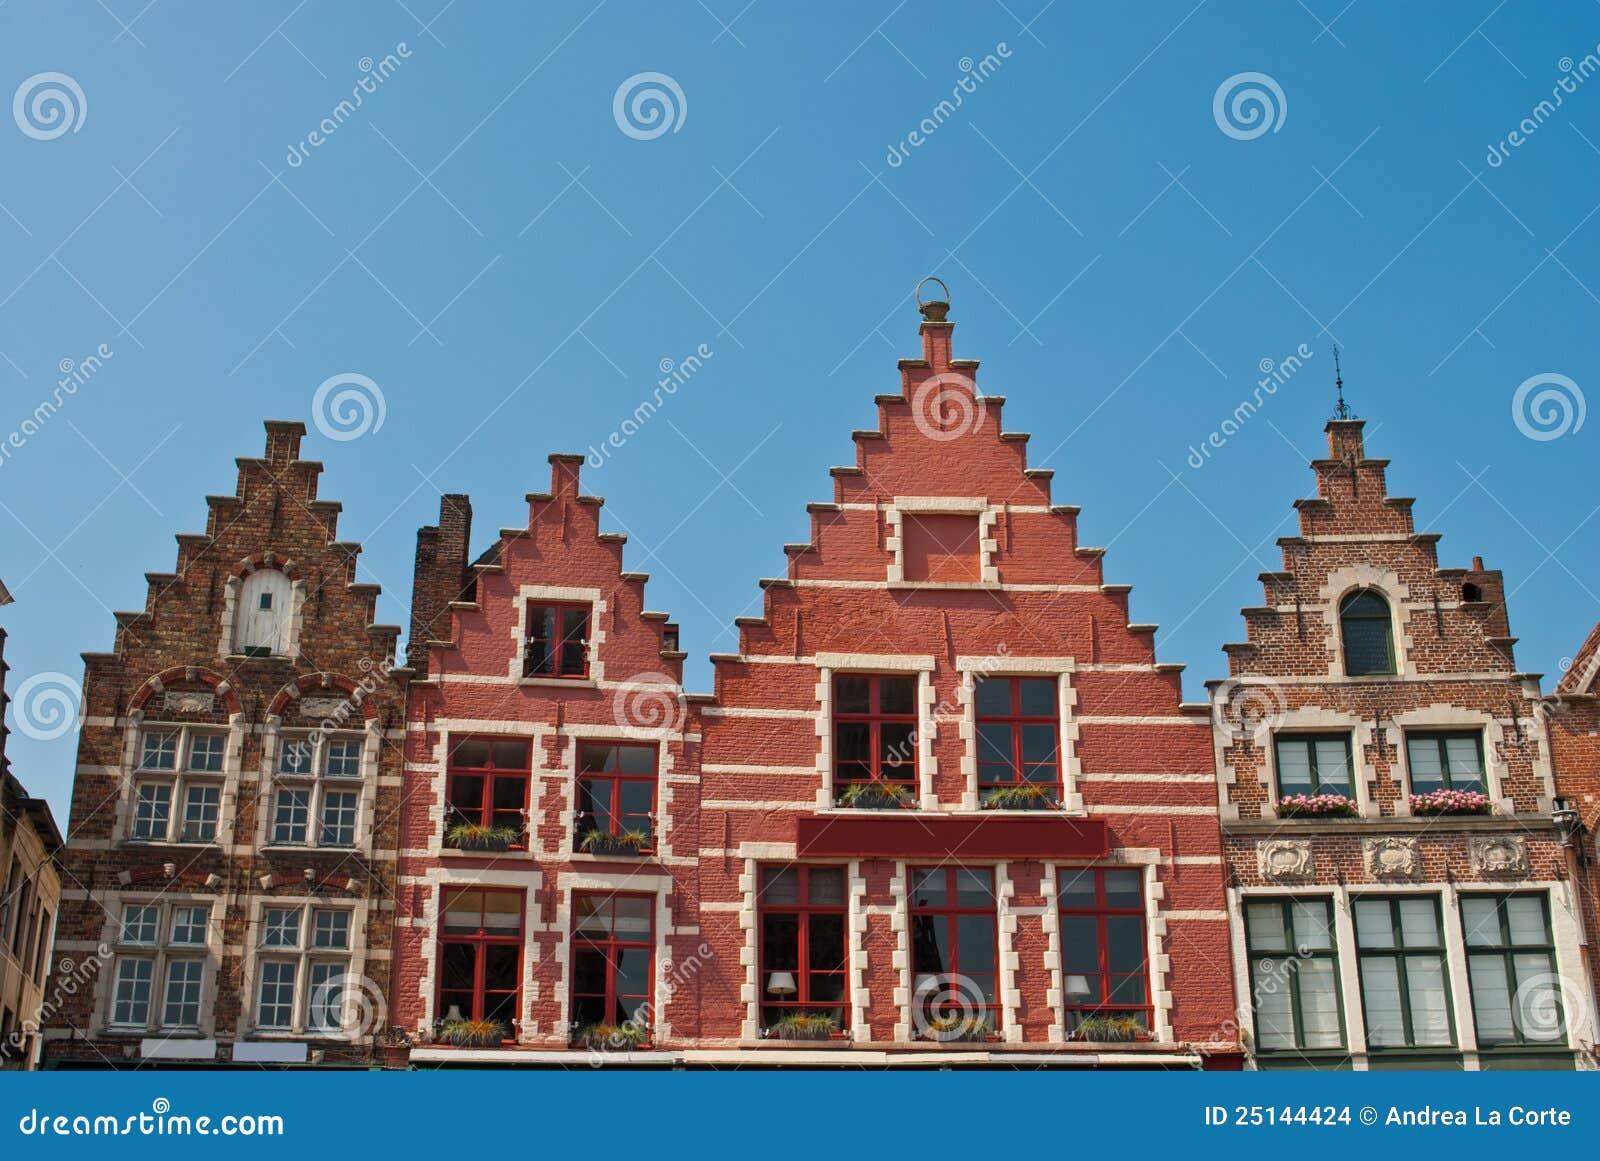 Edifícios no quadrado central - Bruges